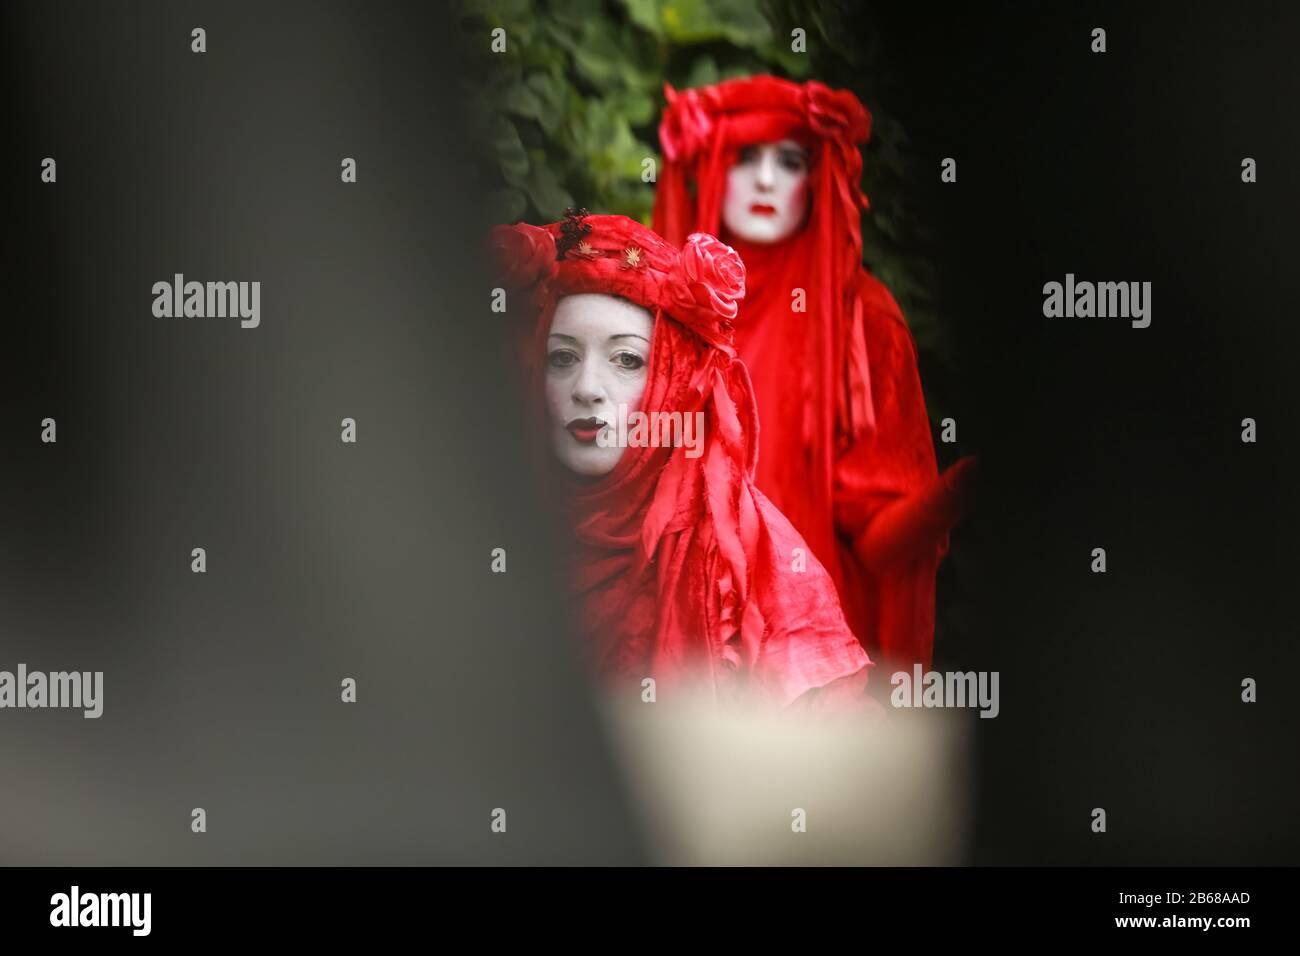 London, UK, 11 Jun 2019. Red Rebel Brigade, Extinction Rebellion - protest at Trafalgar Square. Credit: Waldemar Sikora Stock Photo